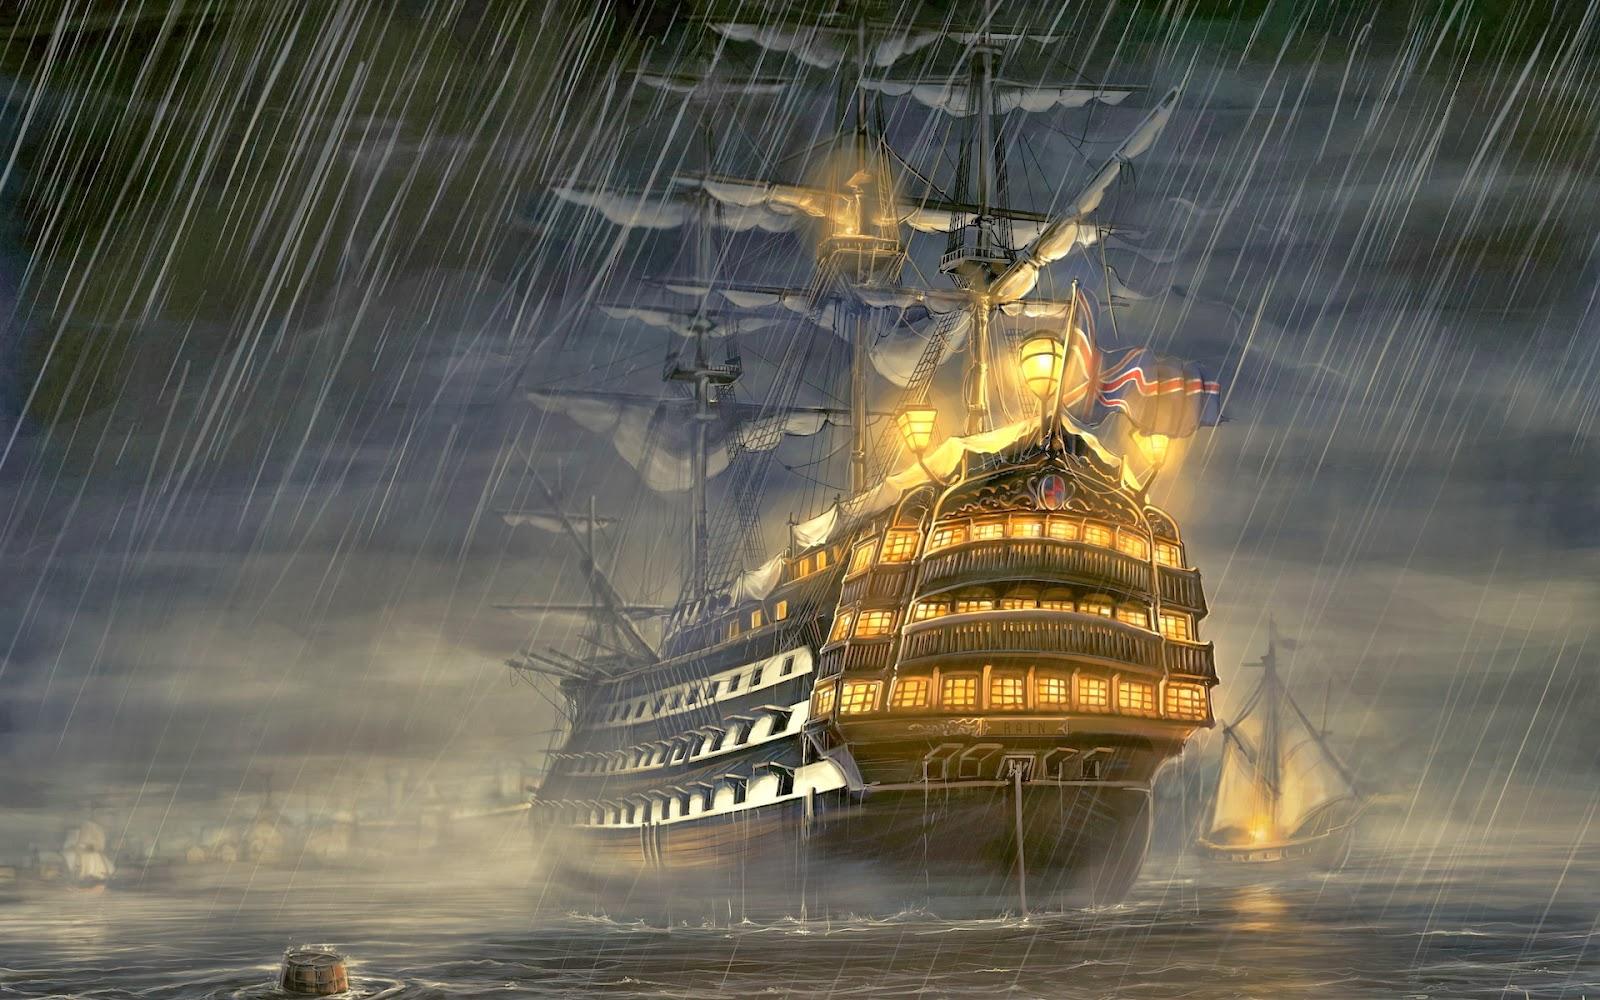 Capítulo 1 - 7 Dias no Mar Navios+fantasmas+5